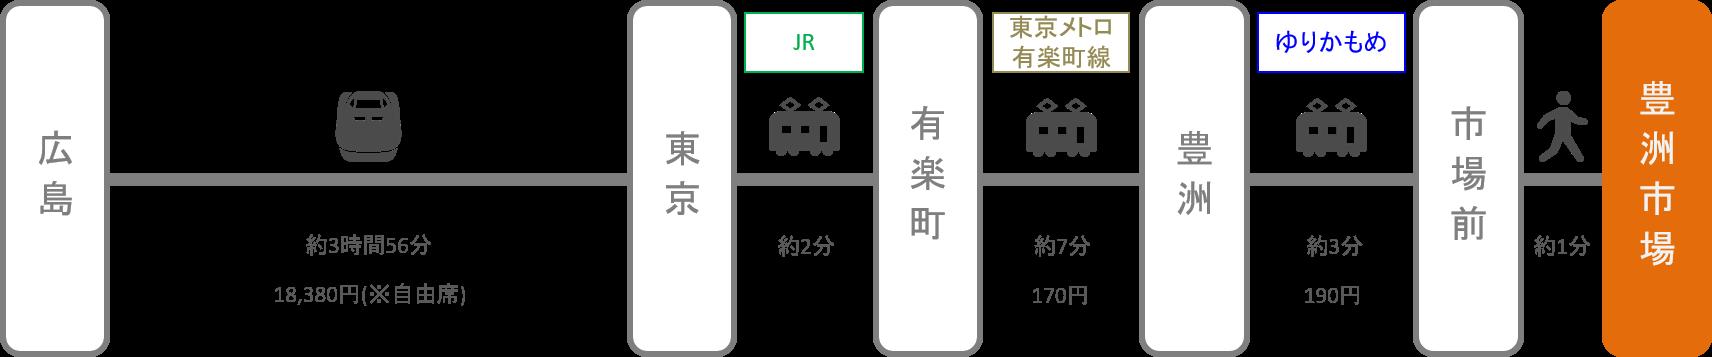 豊洲市場_広島_新幹線